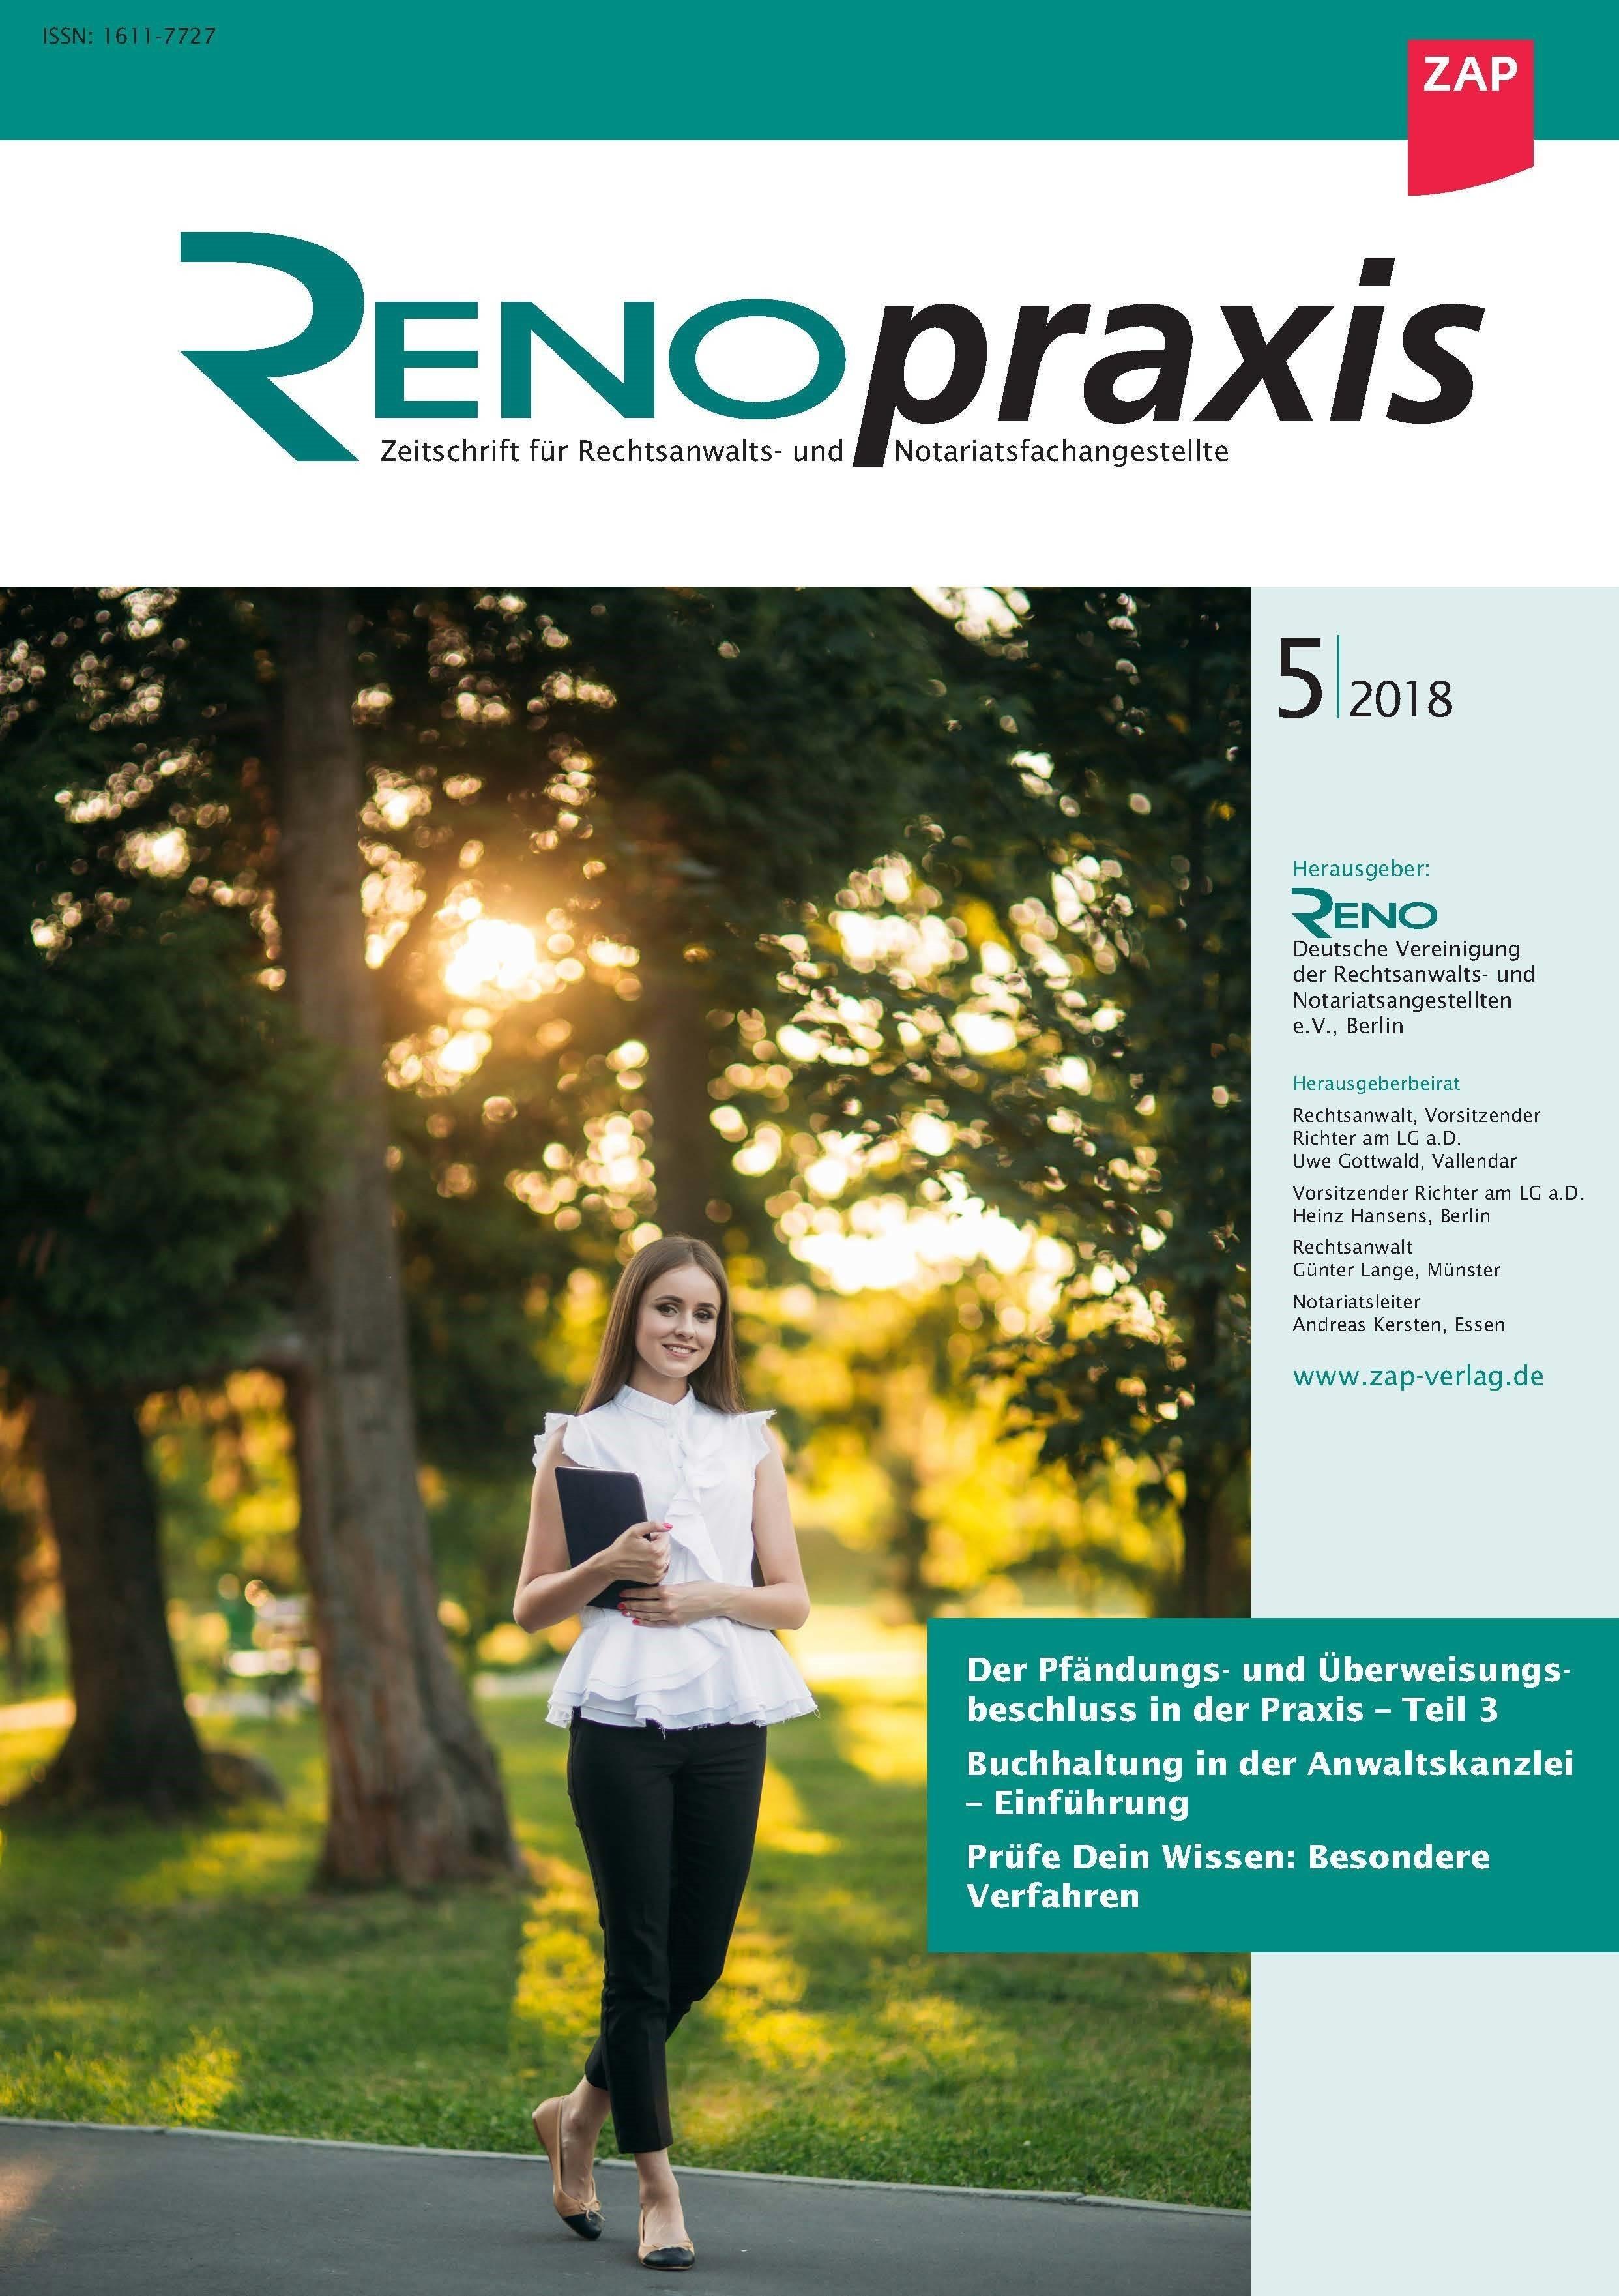 RENOpraxis - Zeitschrift für Rechtsanwalts- und Notariatsangestellte (Cover)